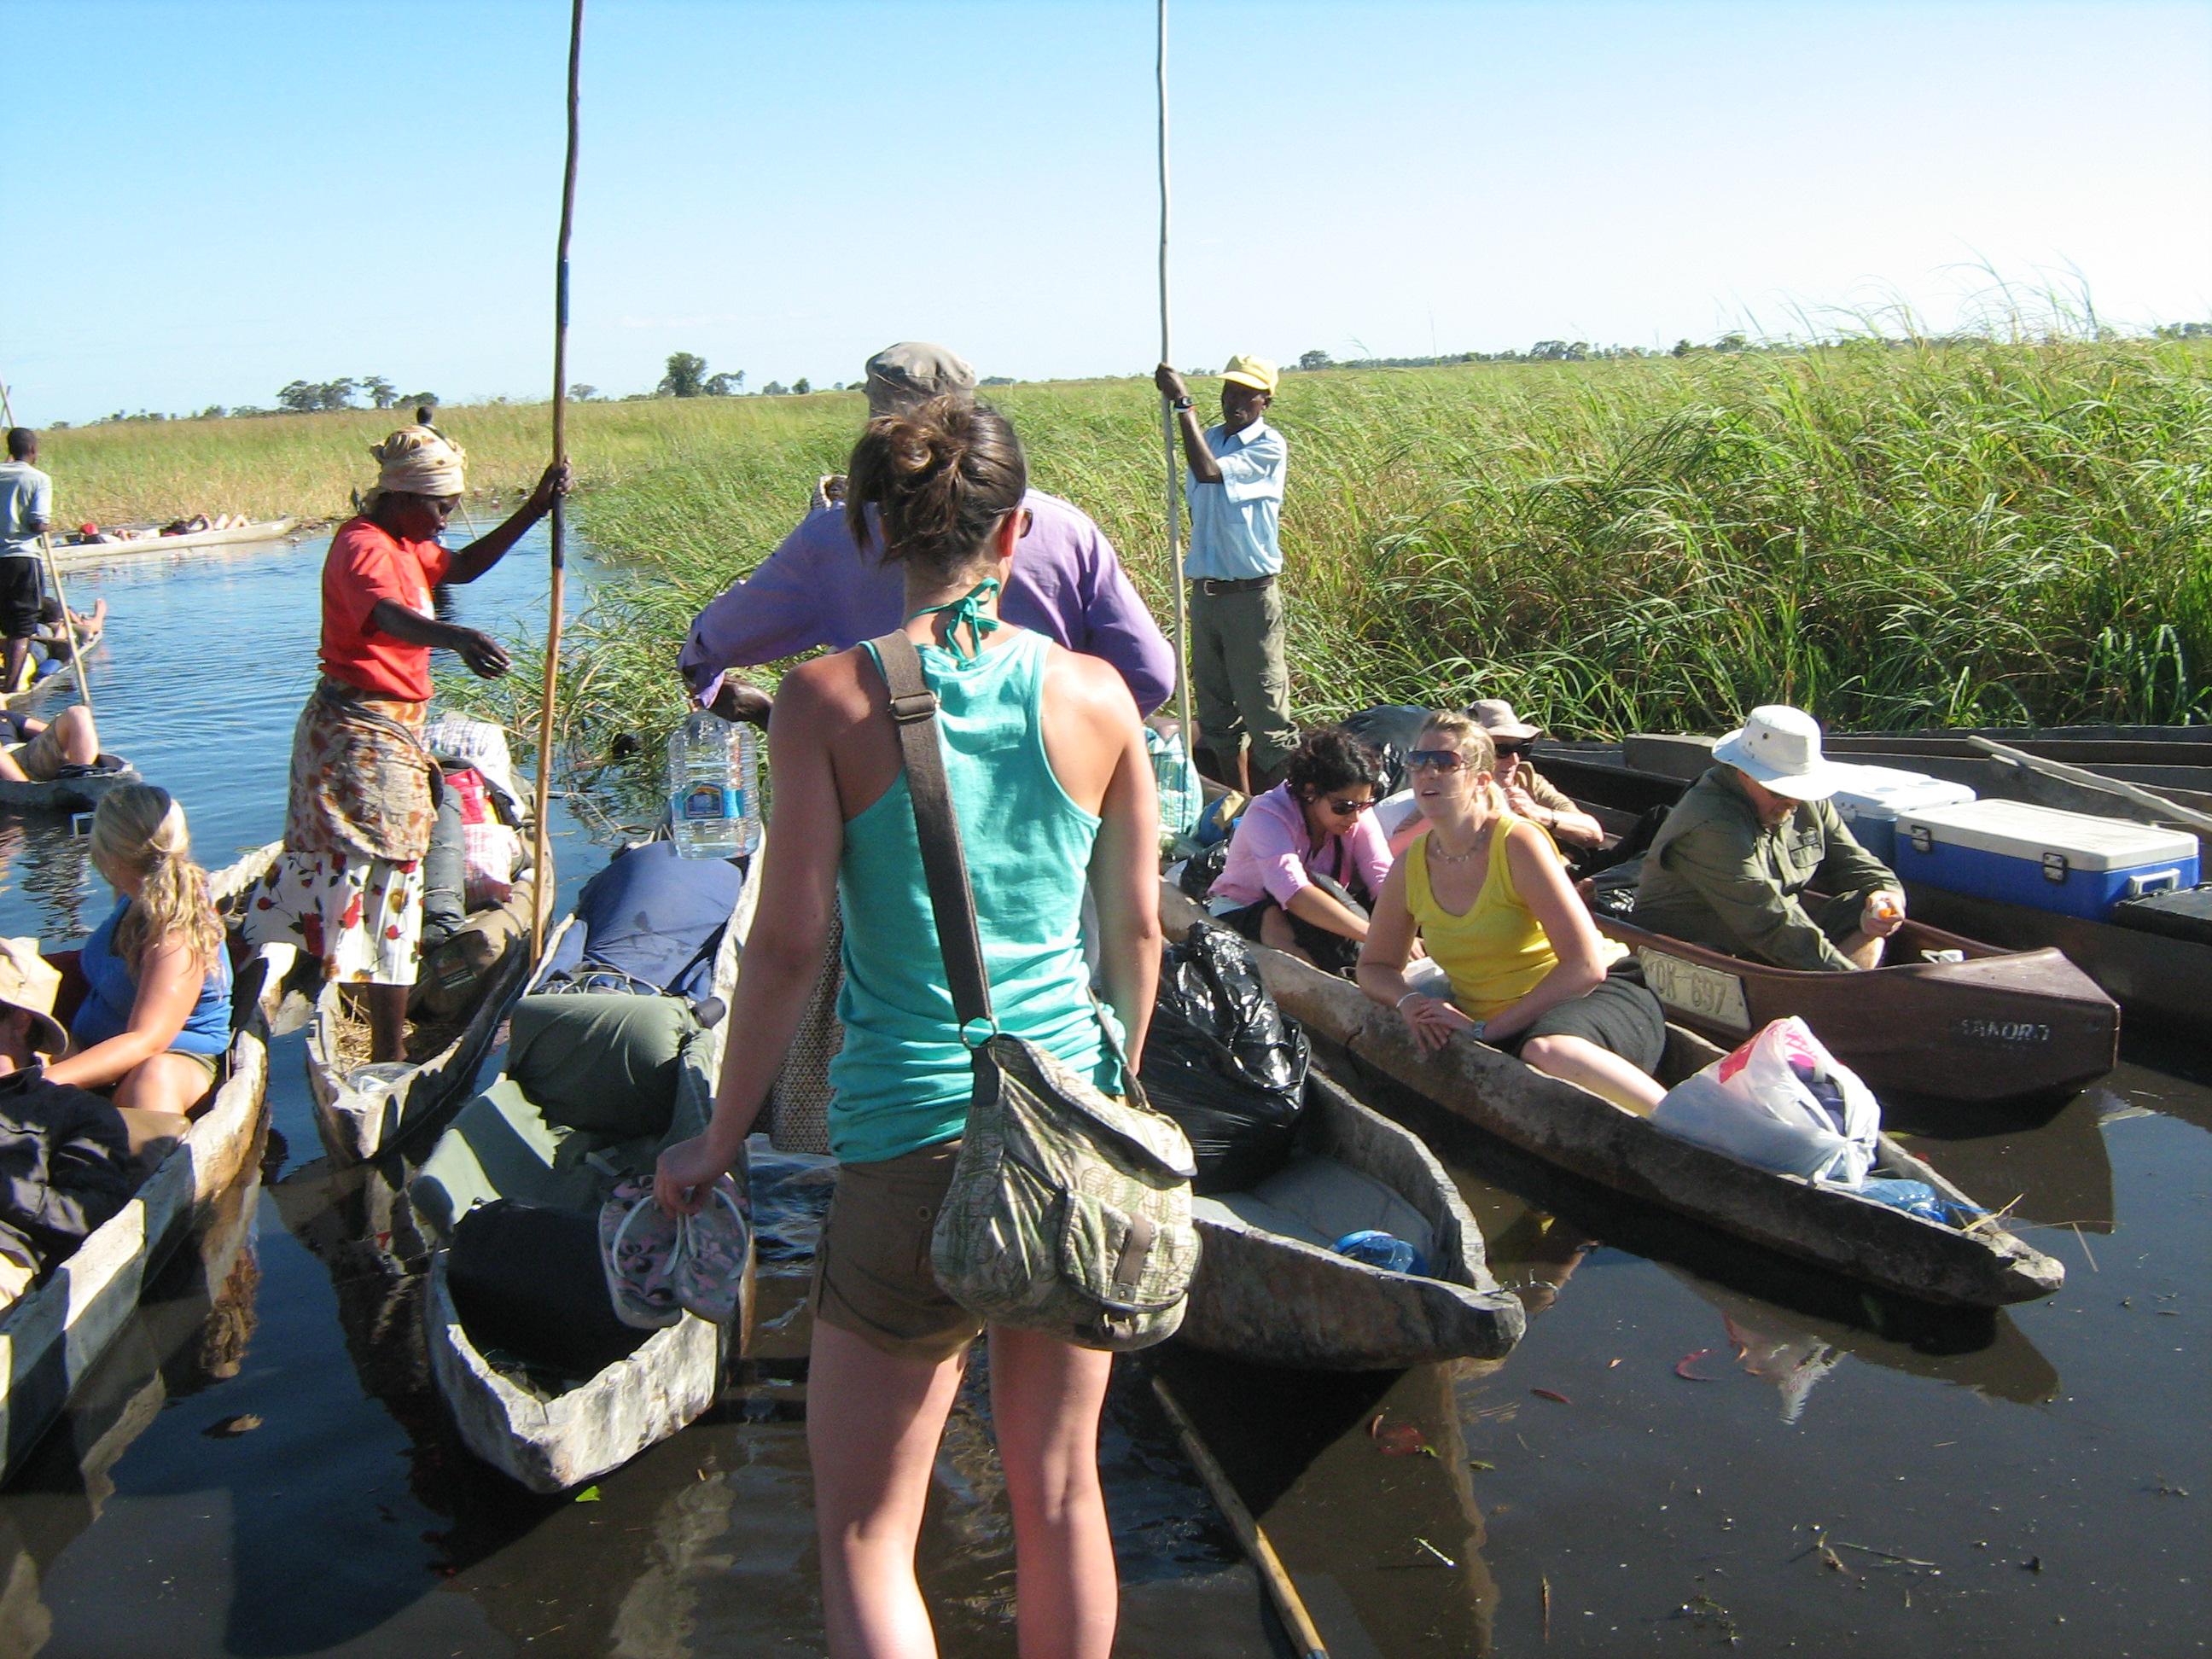 mokoro-dugout-canoe-loading